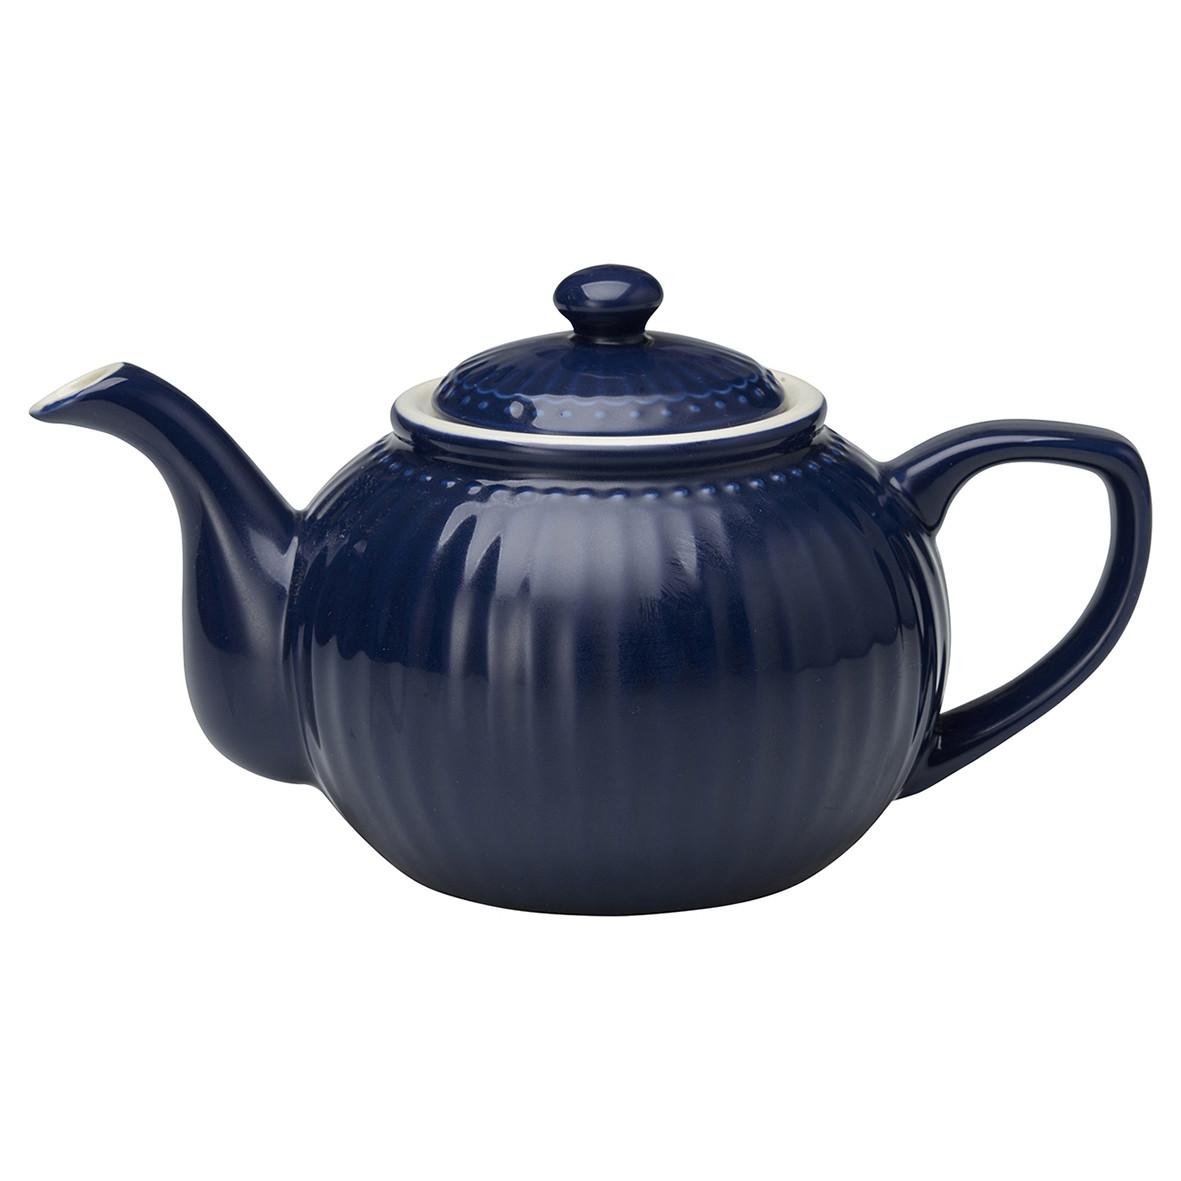 Greengate - Teekanne Alice blau h 14 cm